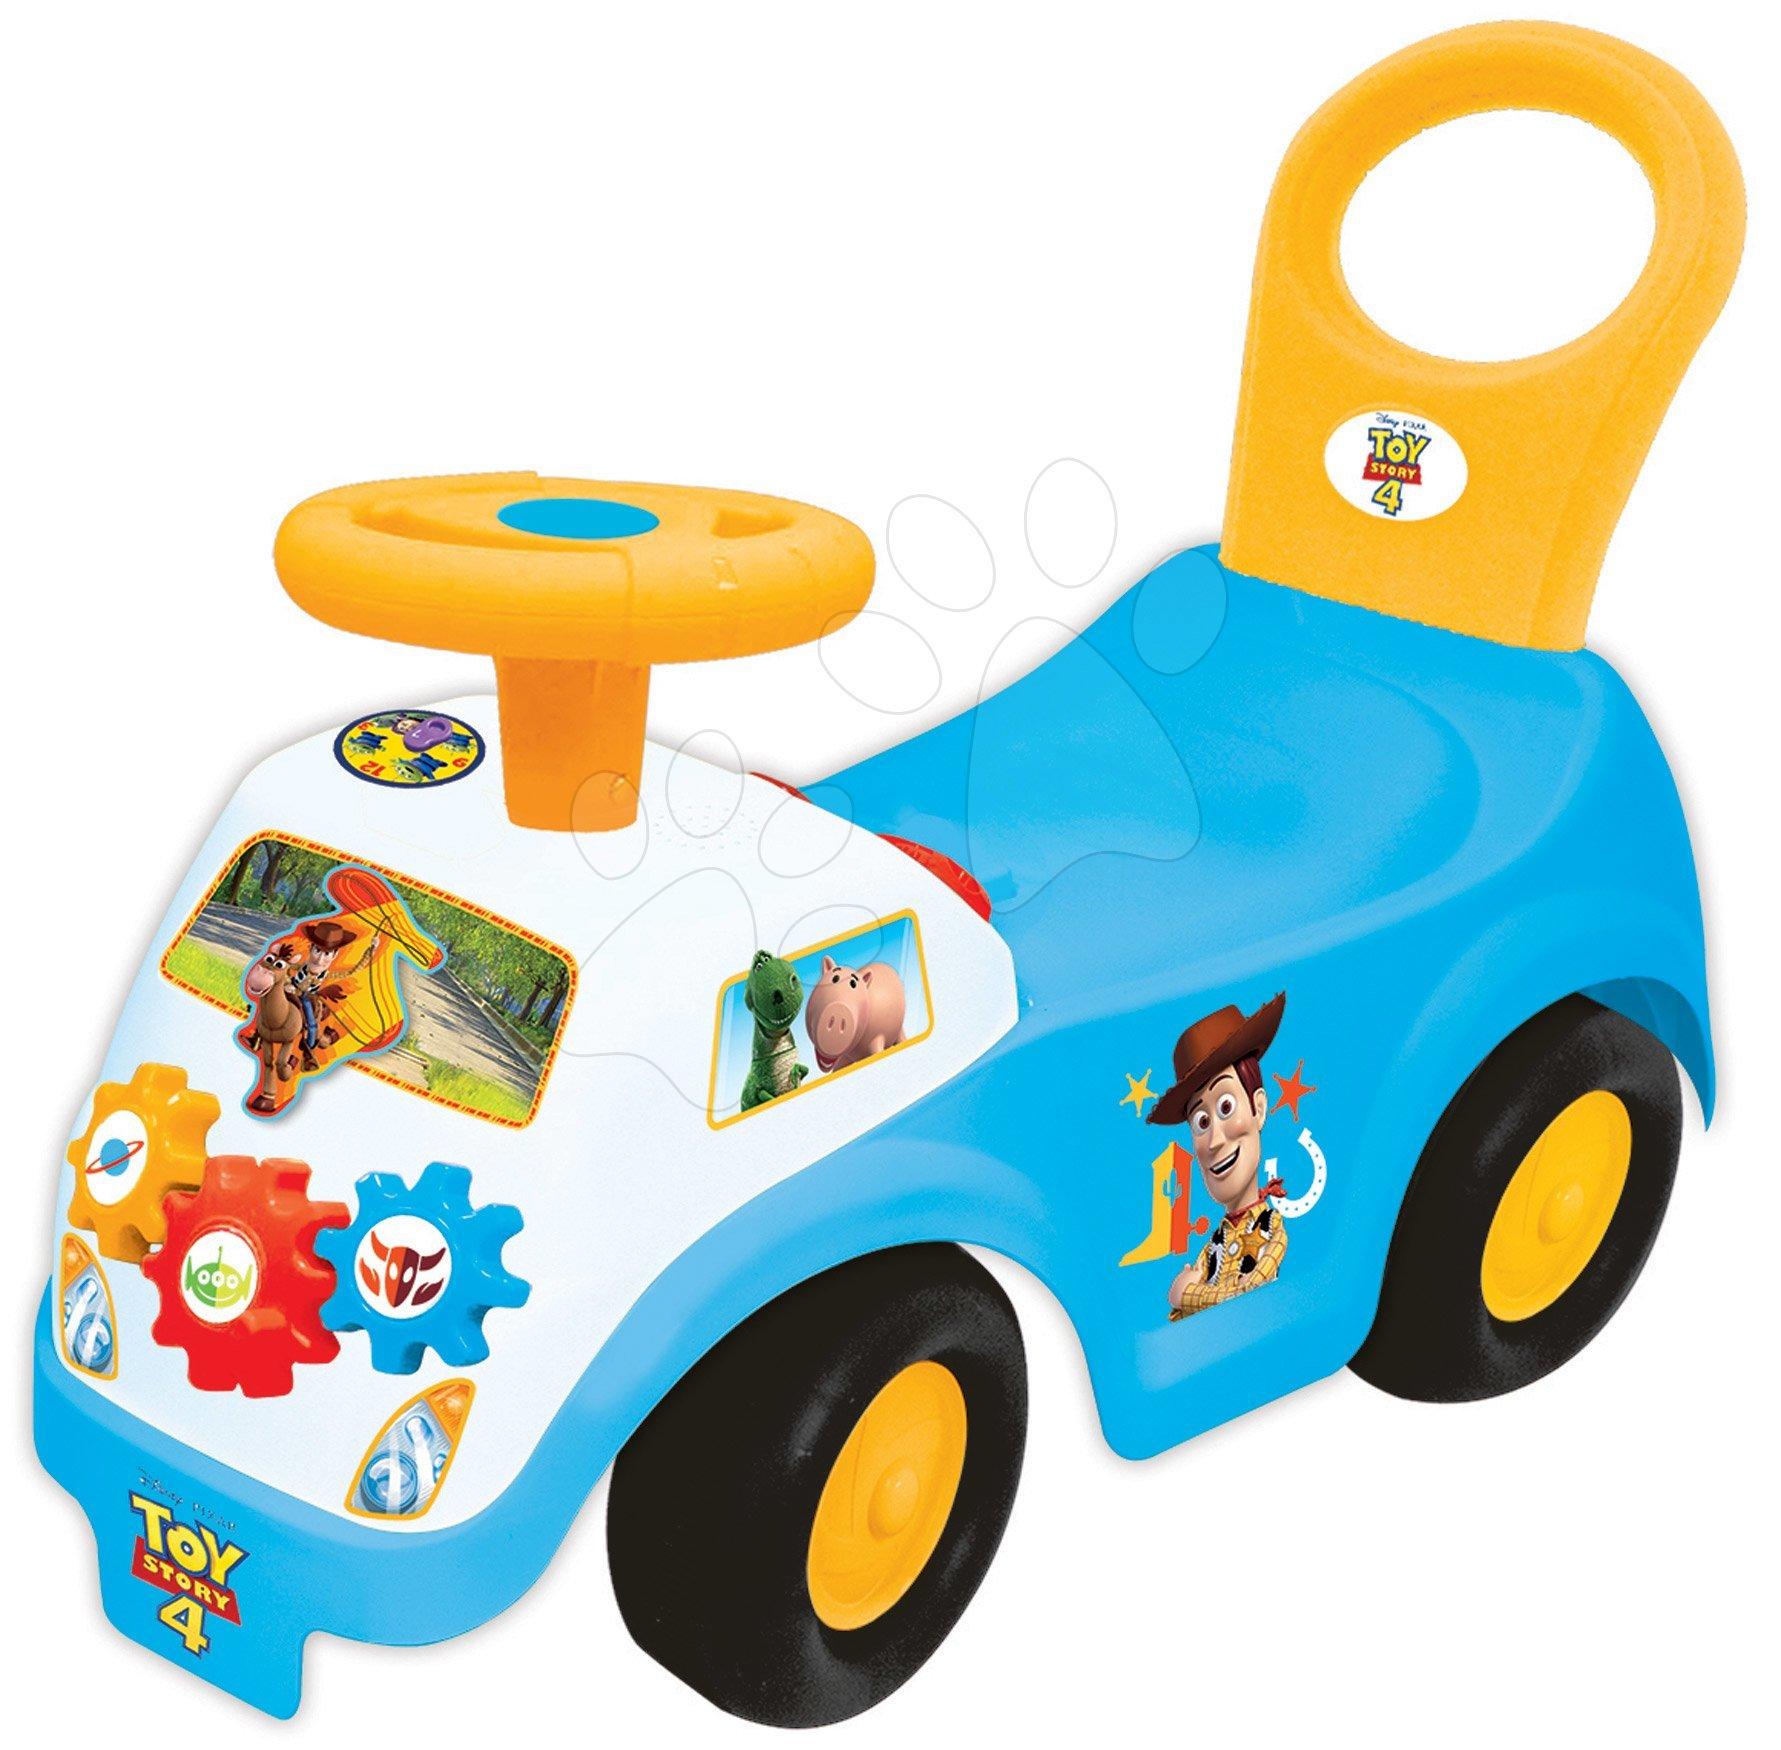 Odrážadlá so zvukom - Odrážadlo modré Toy Story Kiddieland so zvukom a svetlom od 12 mes